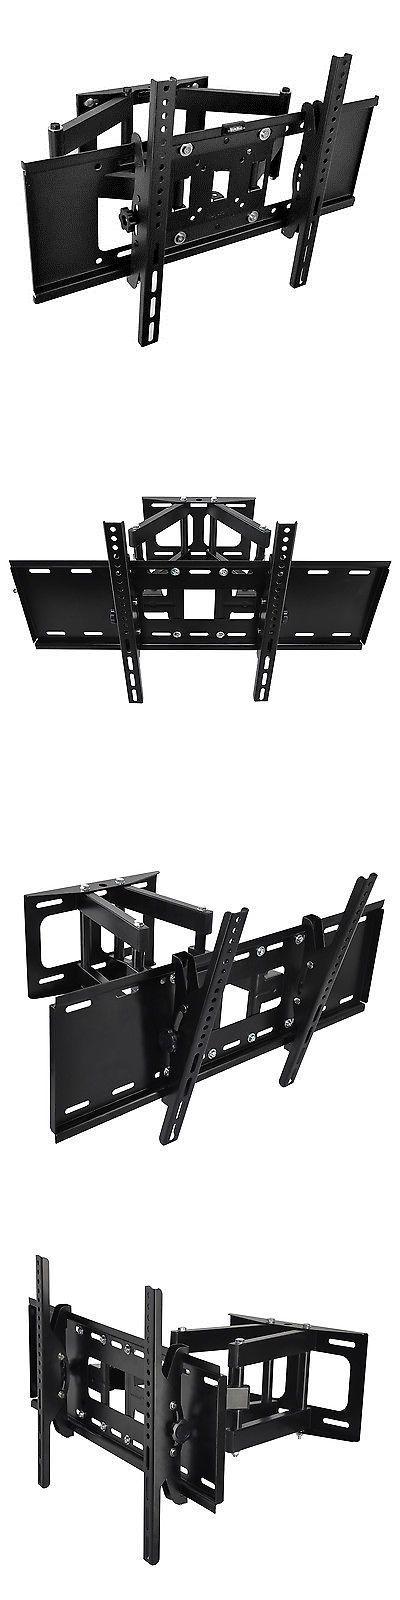 TV Mounts and Brackets: Full Motion Tv Wall Mount Tilt Swivel Bracket 32 40 42 47 55 60 65 Inch Led Lcd -> BUY IT NOW ONLY: $31.69 on eBay!